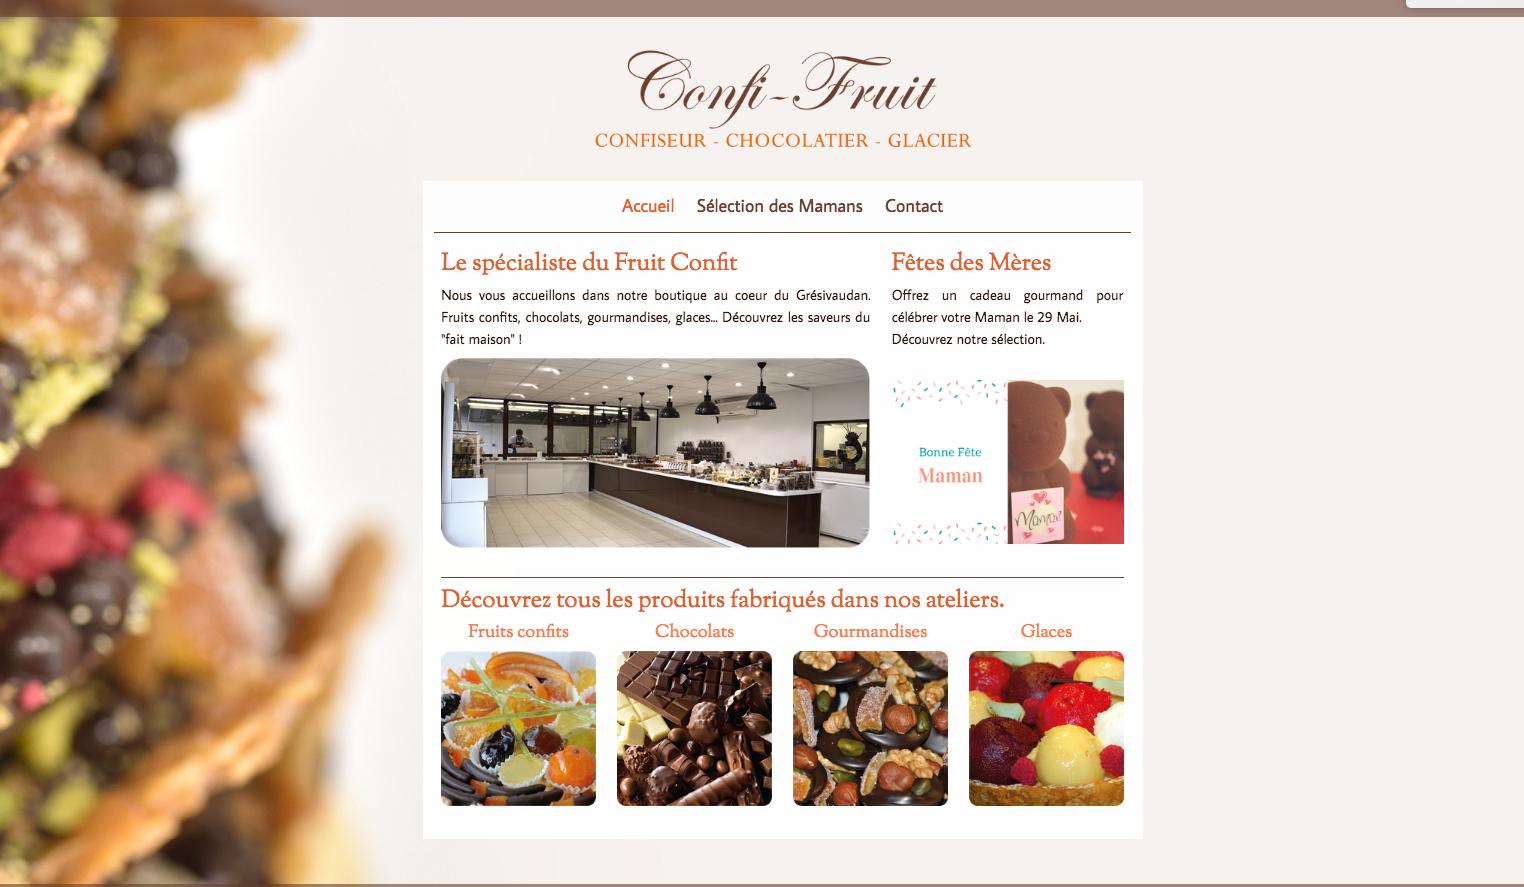 http://www.confi-fruit.com/